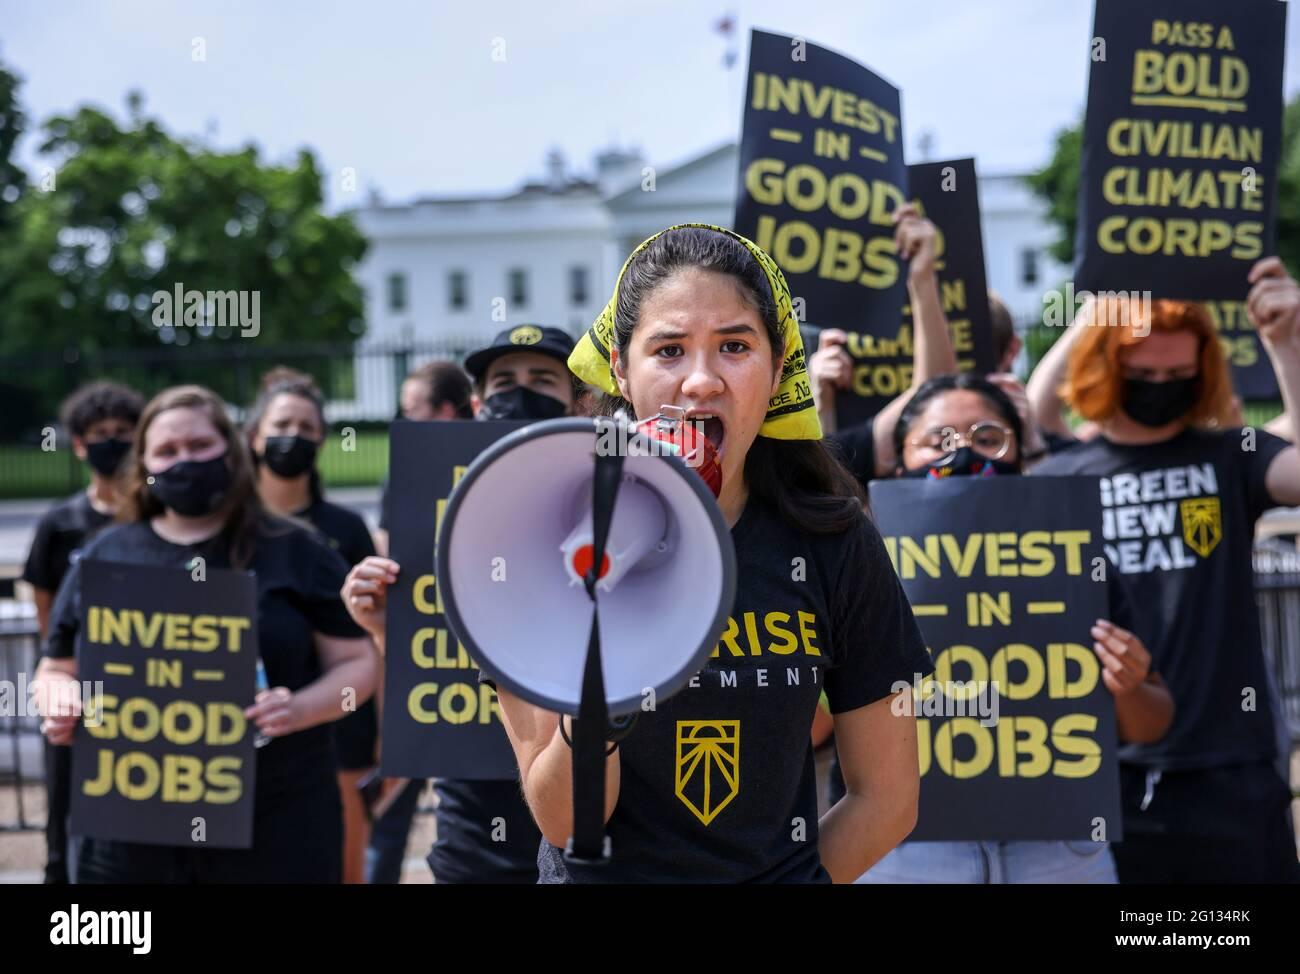 Audrey Lin canta durante una dimostrazione del movimento Sunrise fuori dalla Casa Bianca chiedendo azione sul cambiamento climatico e posti di lavoro verdi a Washington, Stati Uniti, 4 giugno 2021. REUTERS/Evelyn Hockstein Foto Stock